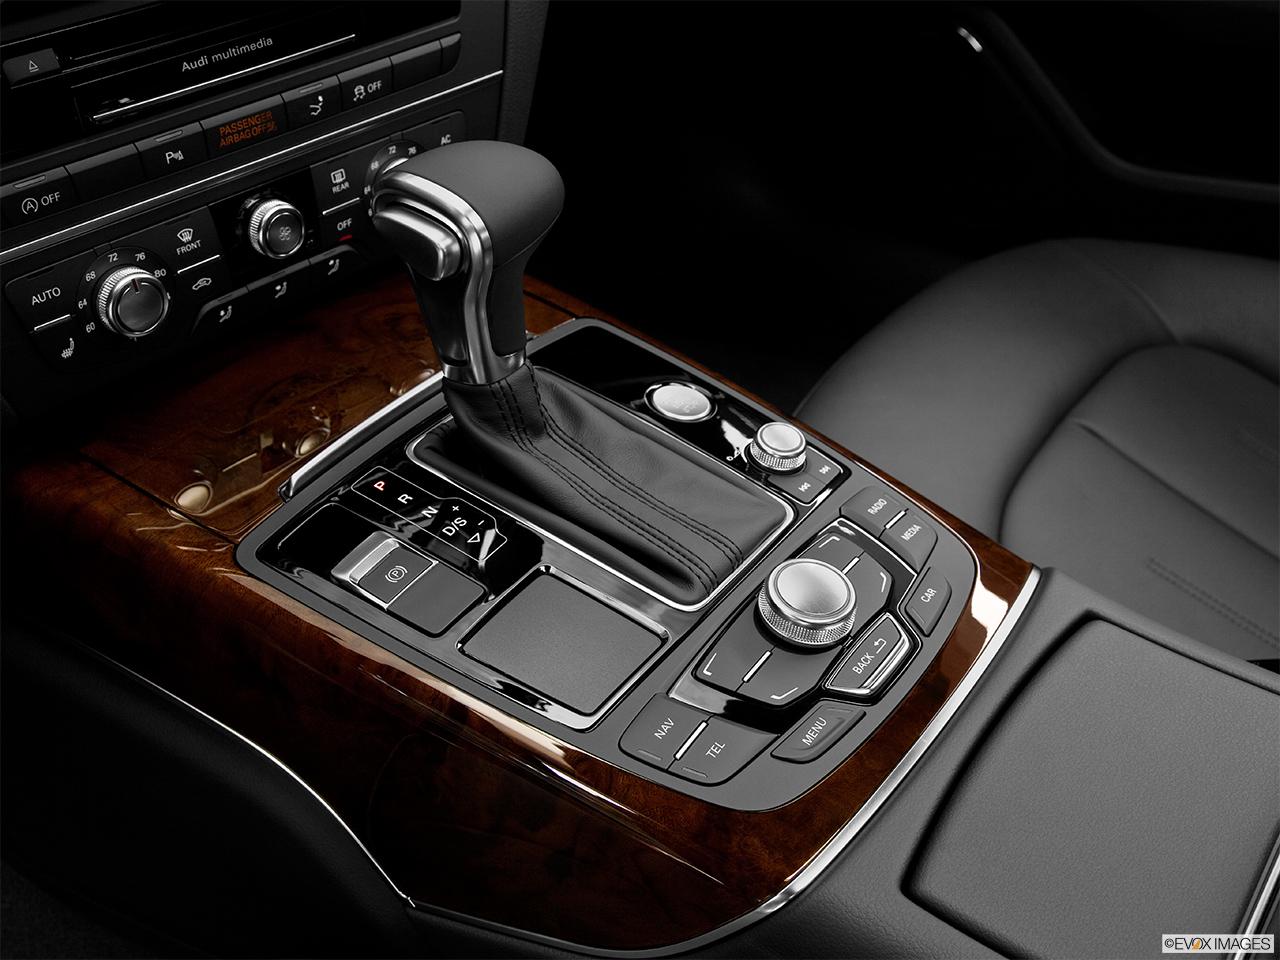 2014 Audi A7 4dr Hatchback Quattro 3 0 Premium Plus Gear